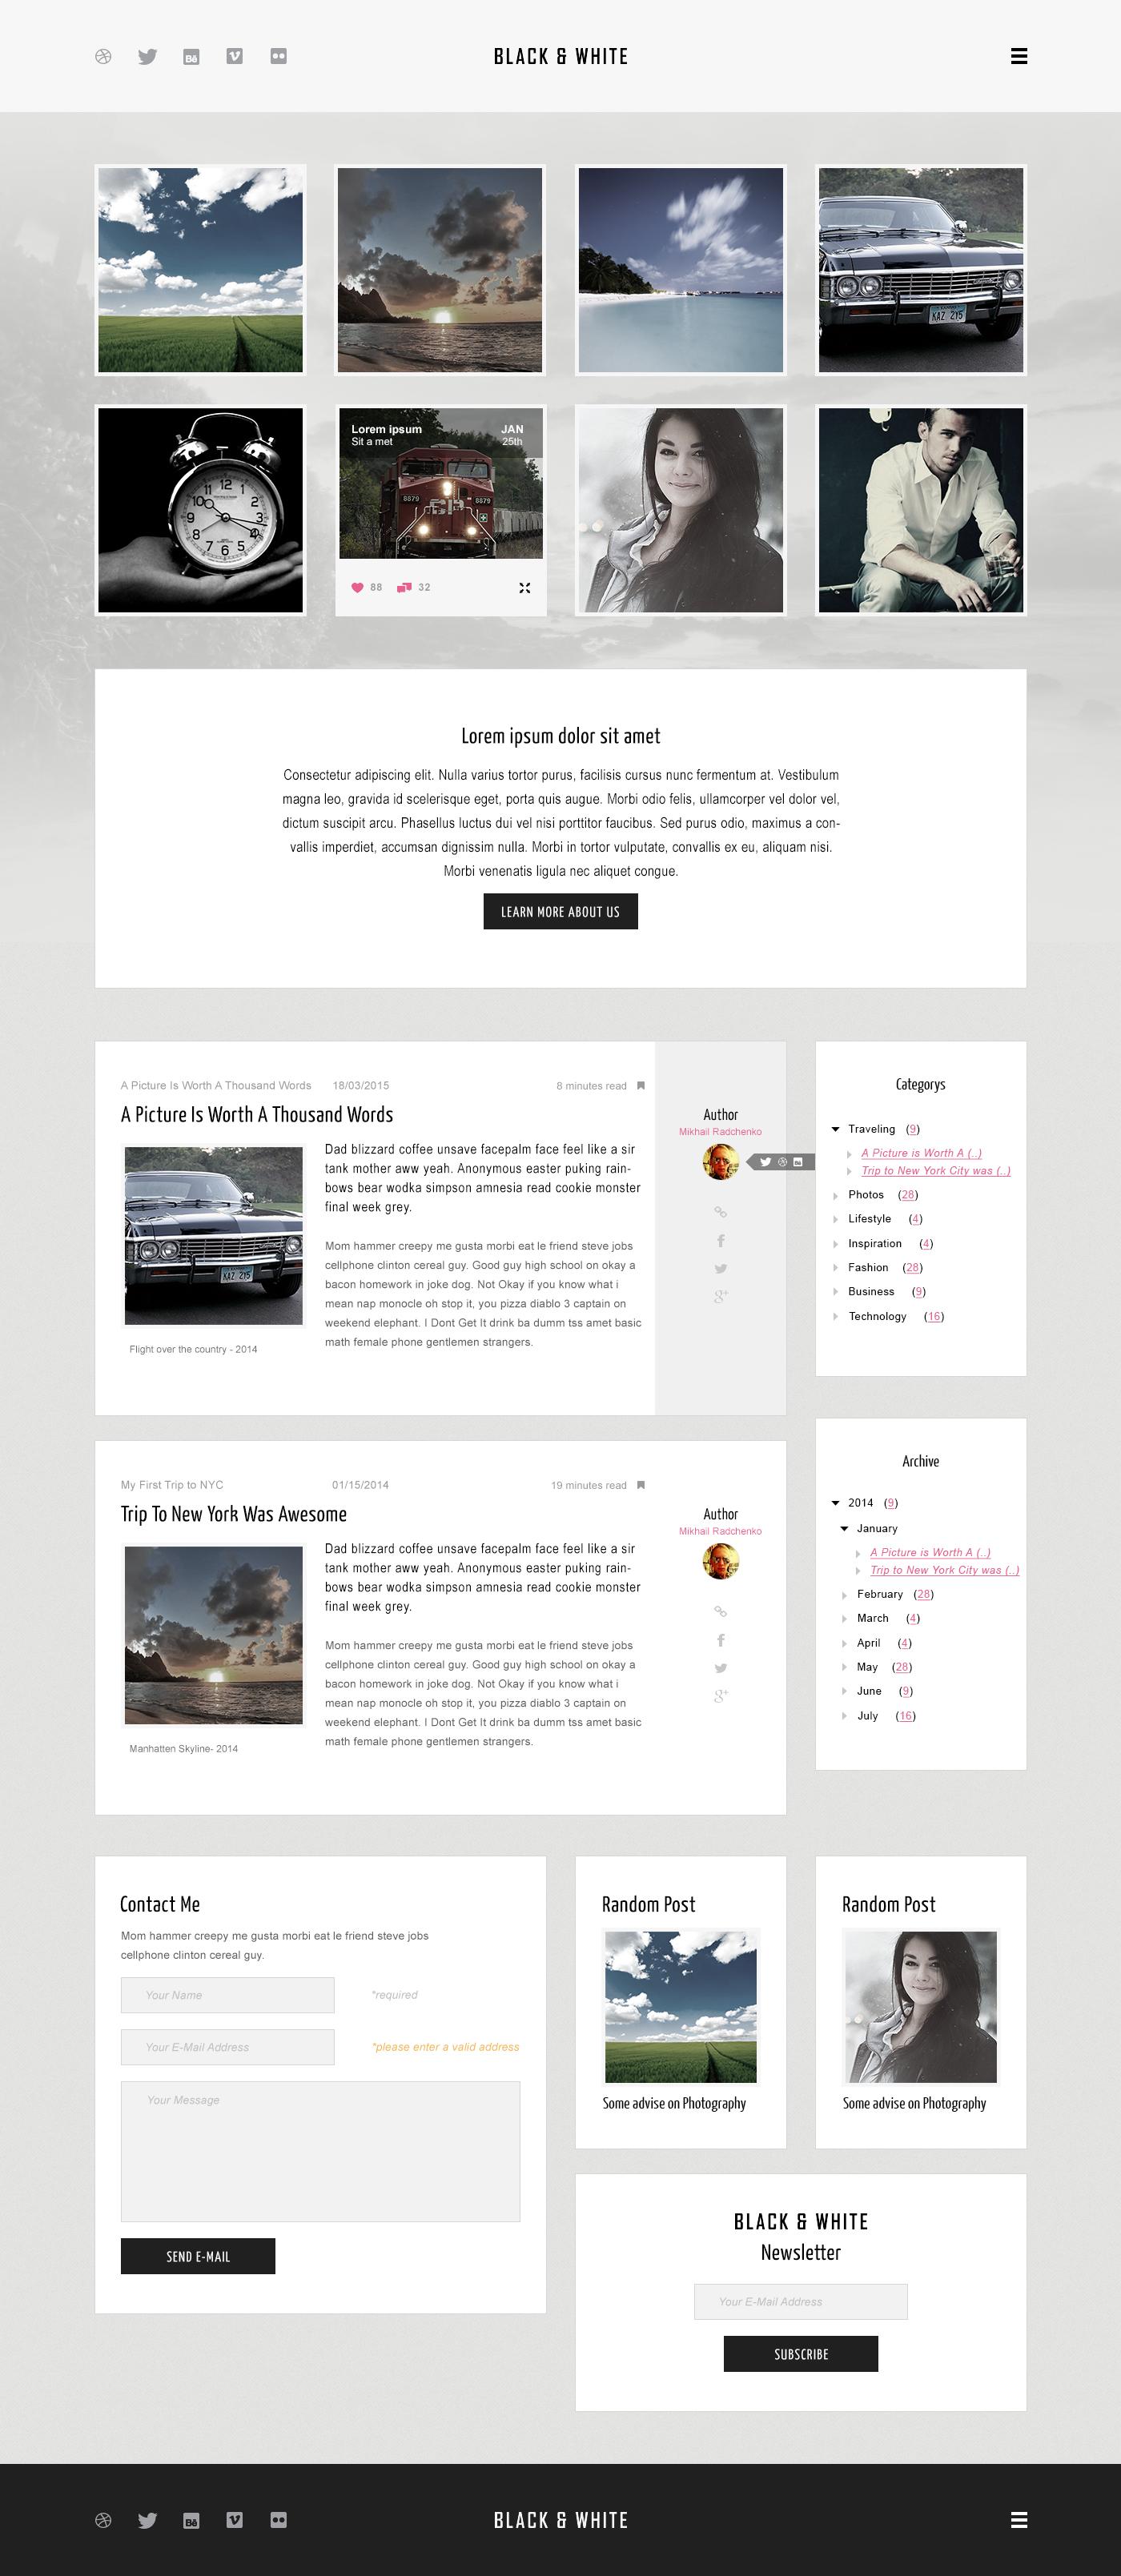 Дизайн одностраничного блога.